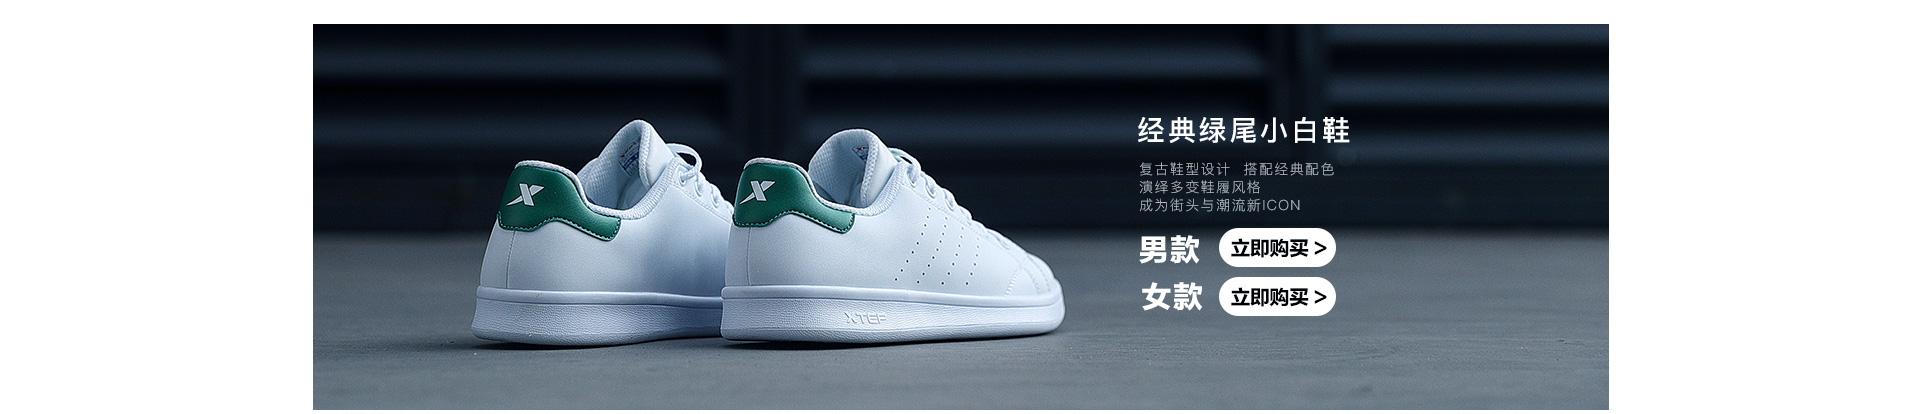 特步经典绿尾板鞋